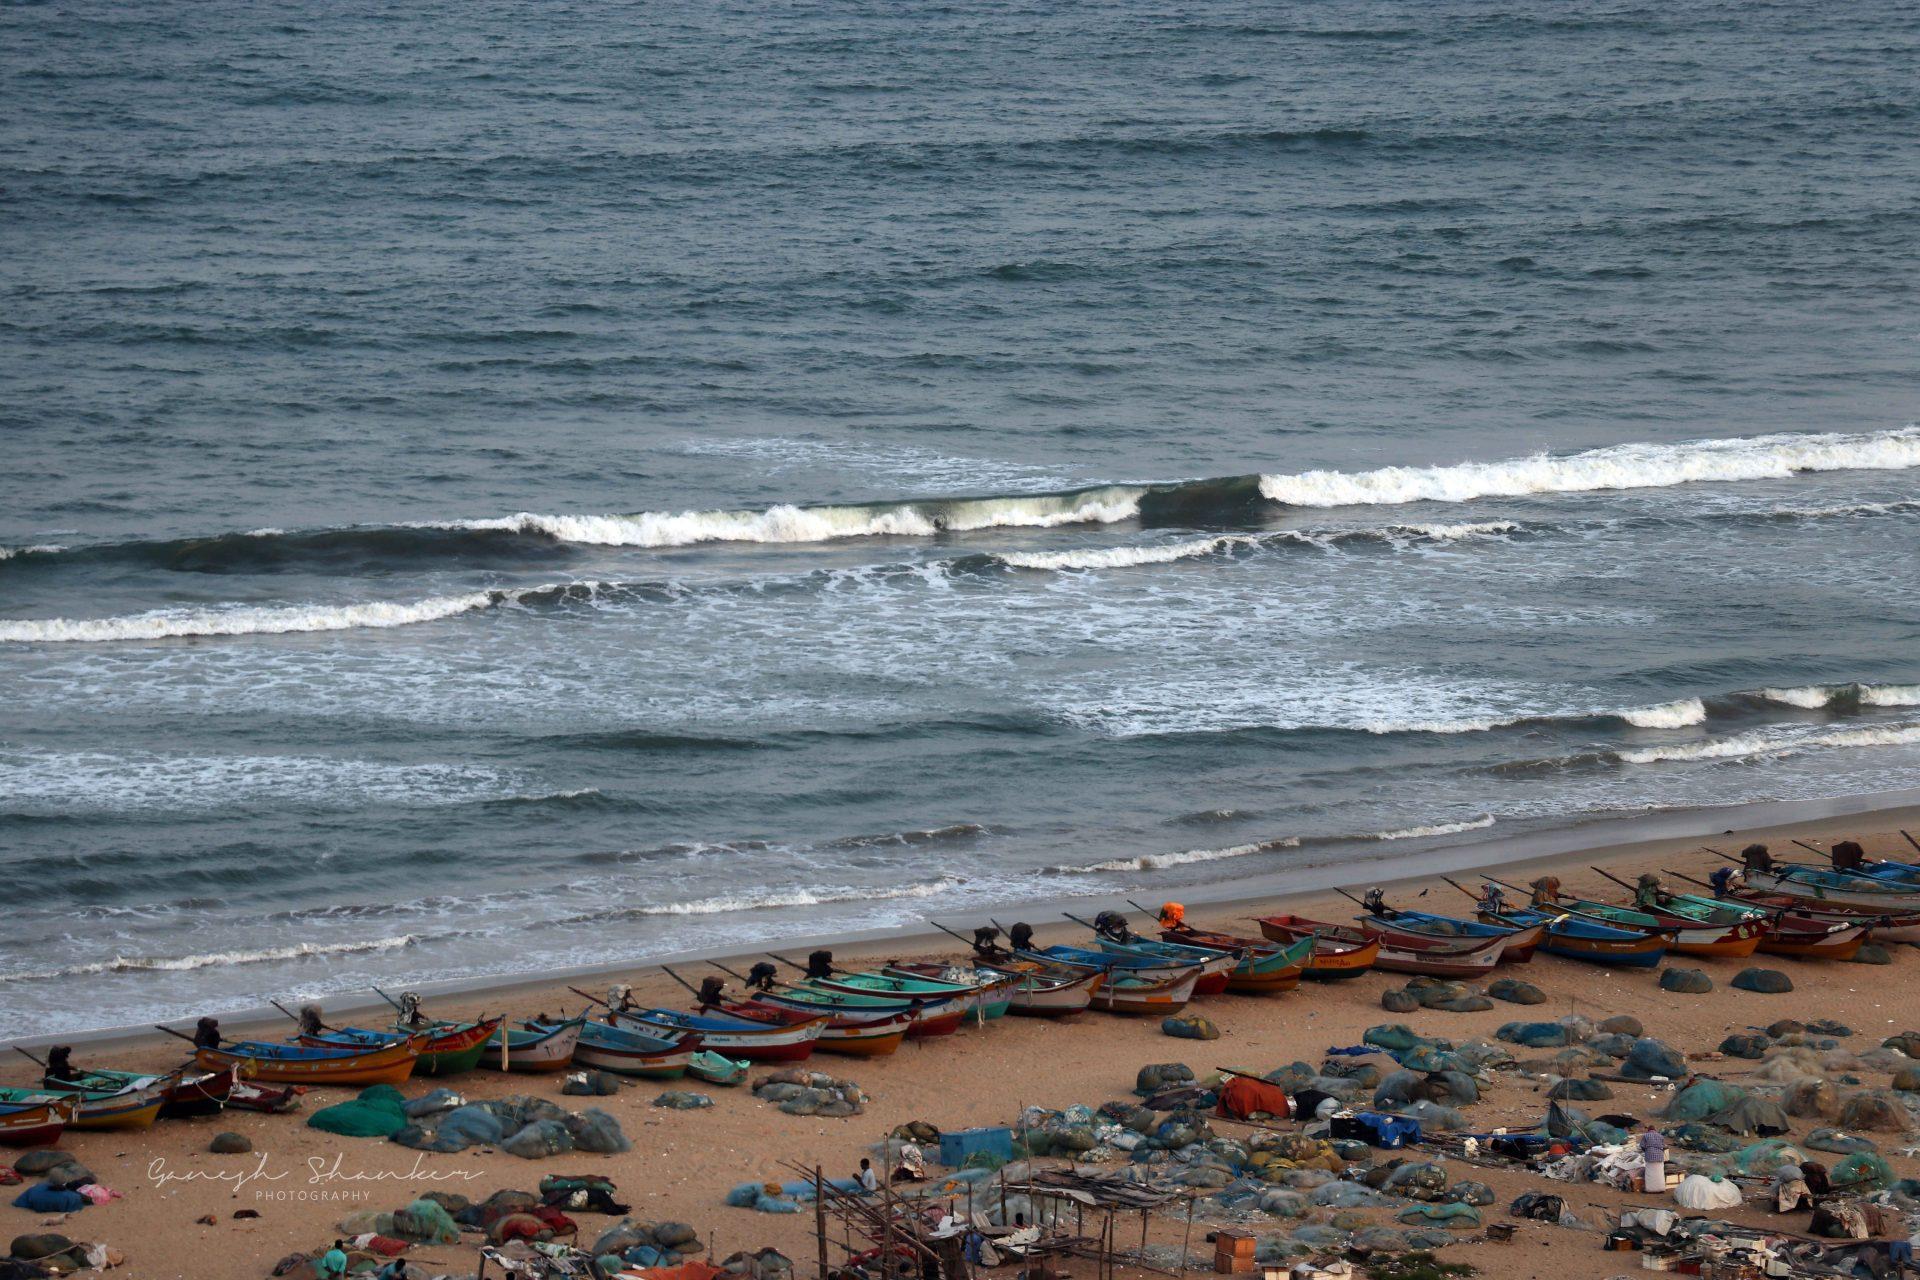 marina-beach-chennai-landscape-photograph-ganesh-shanker-kk